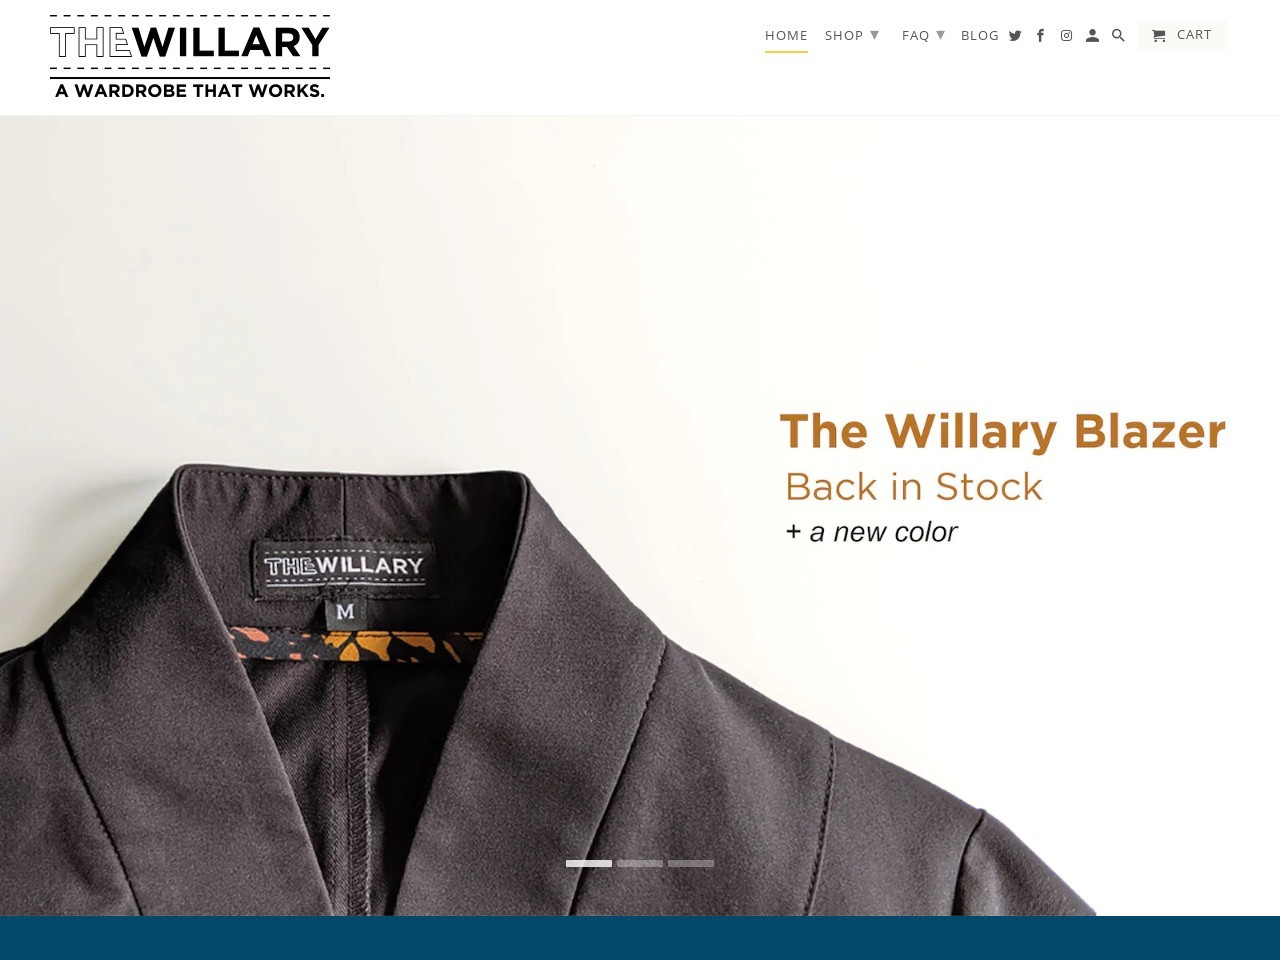 thewillary.com